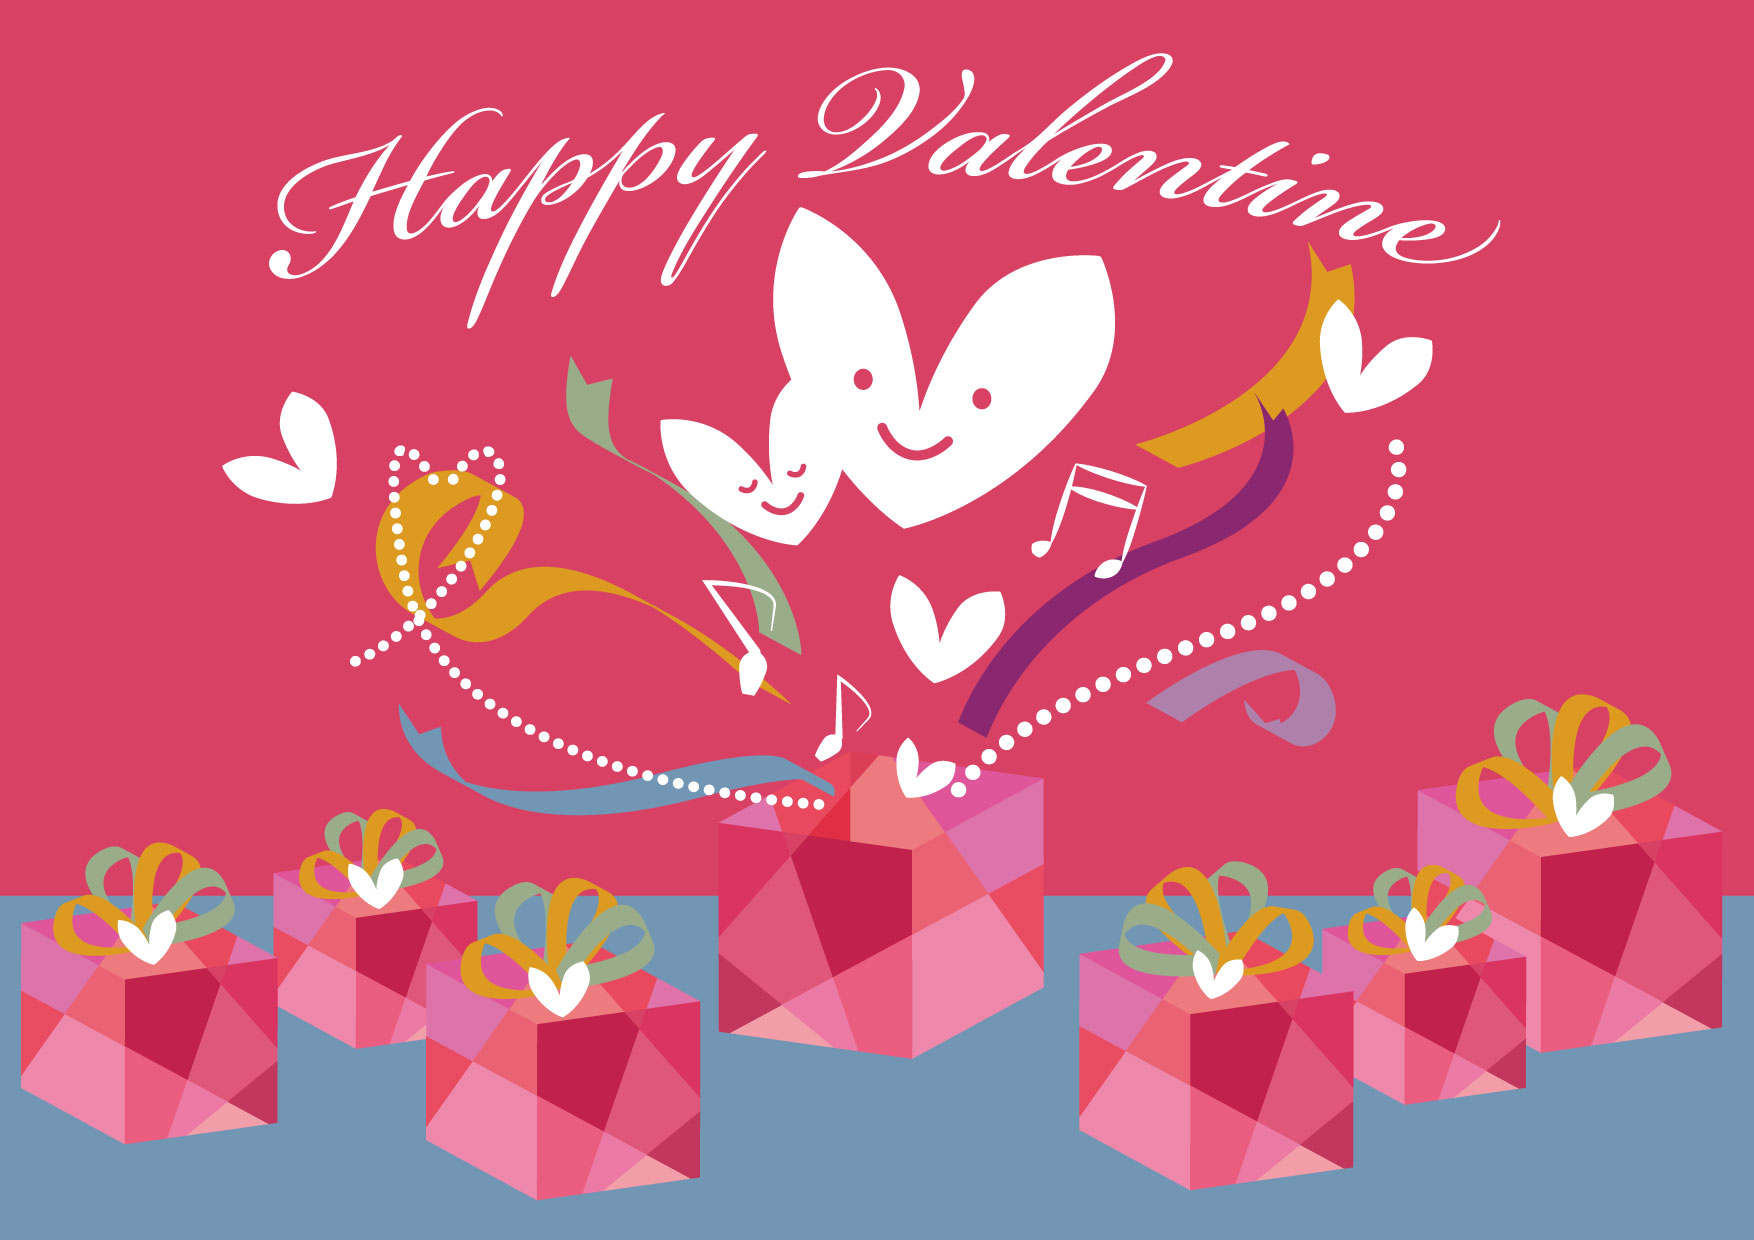 バレンタイン 背景 プレゼント リボン ハート イラスト 無料